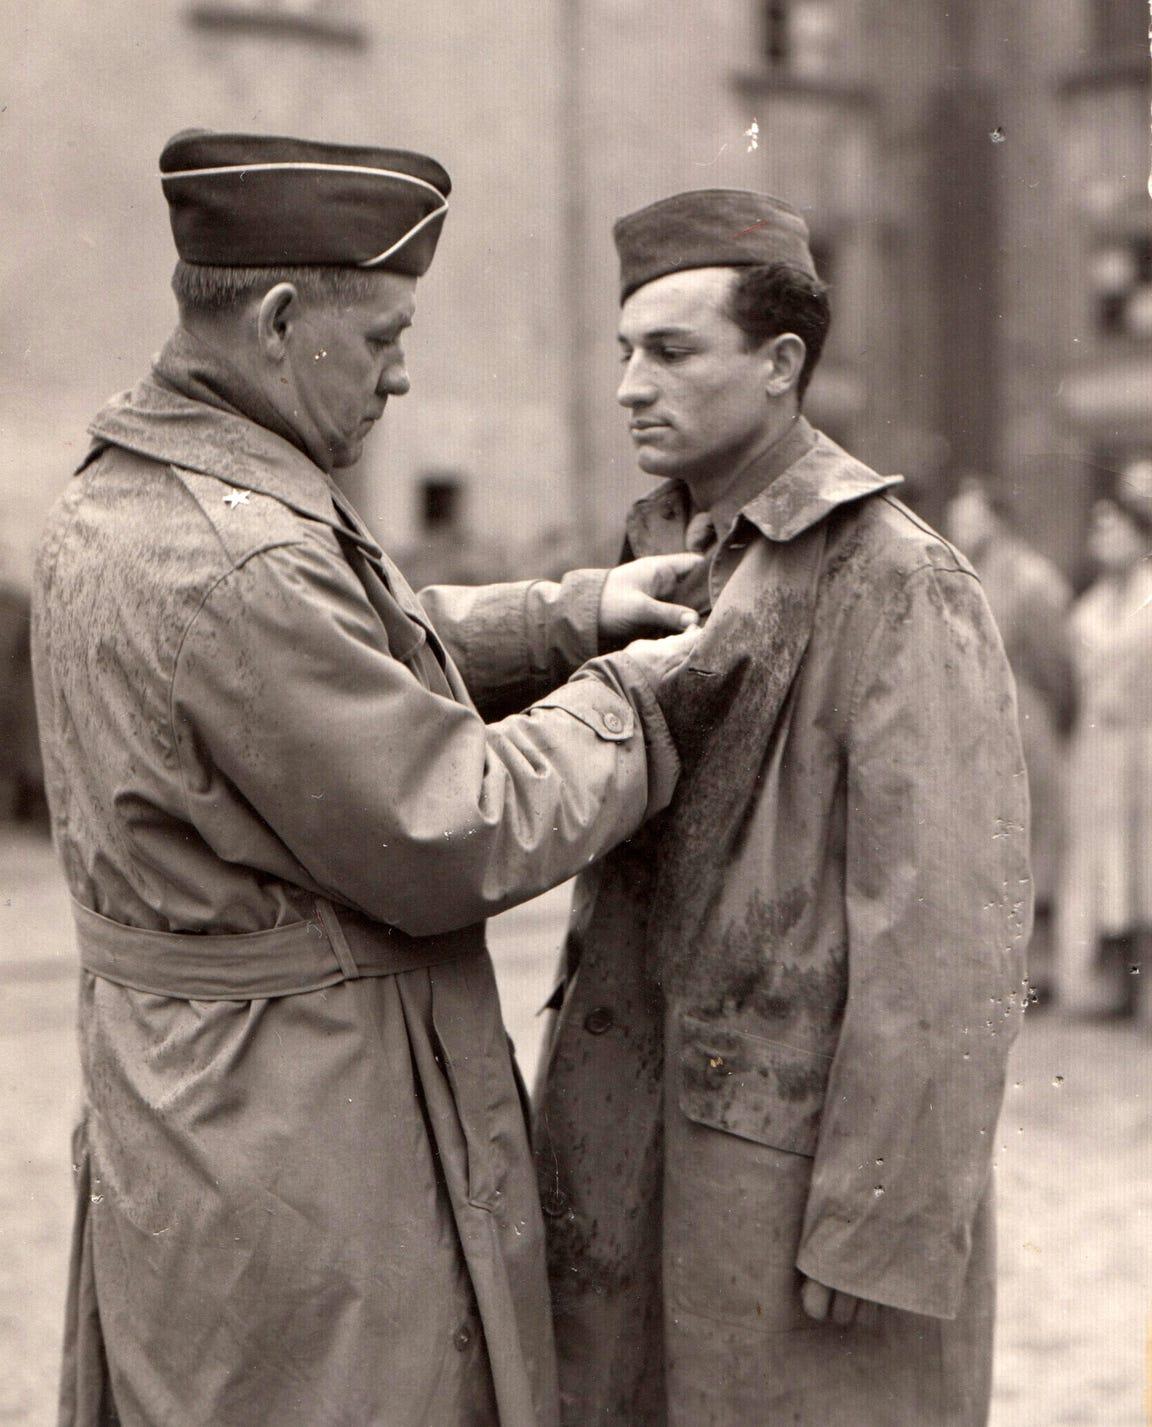 Joe Campos (der.) recibe una medalla de la Fuerza Aérea/Army por su participación en la Segunda Guerra Mundial.